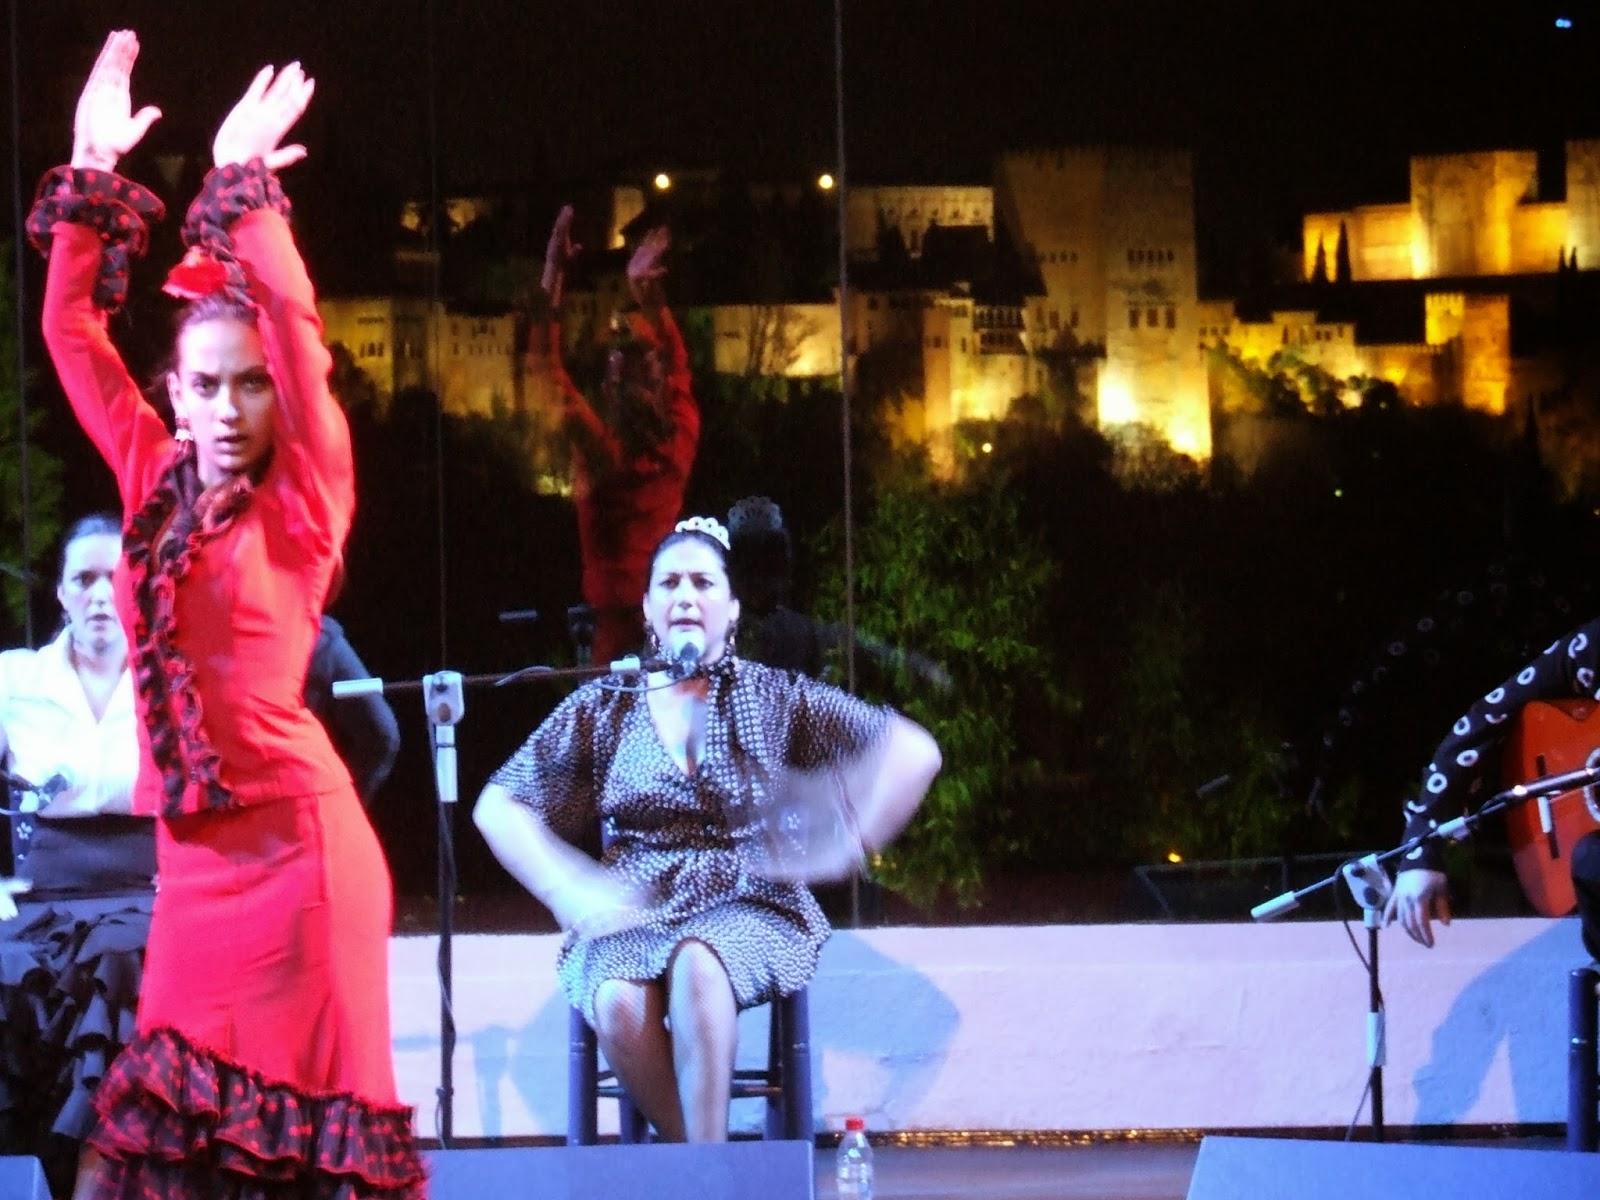 Flamenco In Teatro Municipal la Chumbera, Granada, Spain